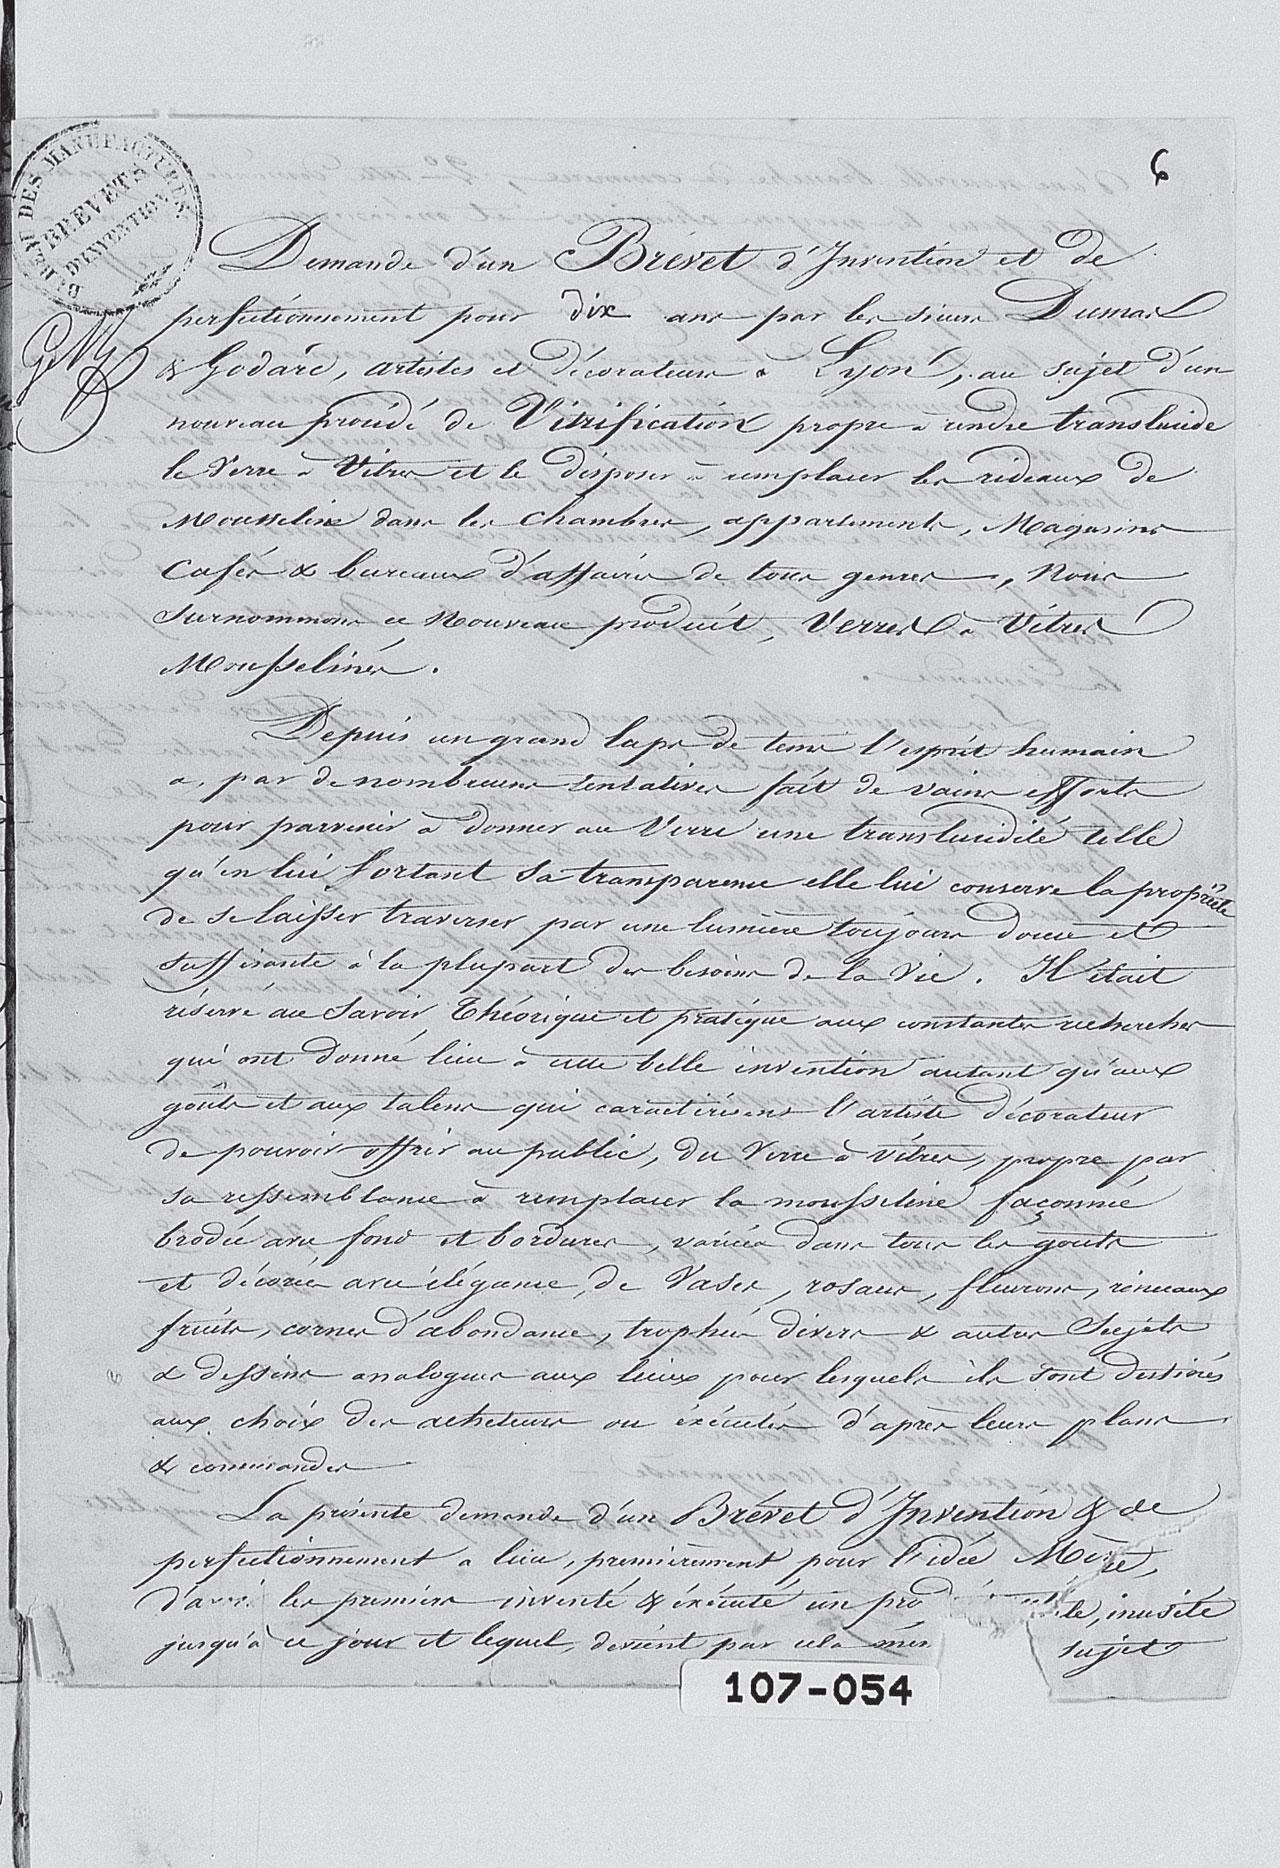 Brevet Dumas et Godard 1842 Partie 6